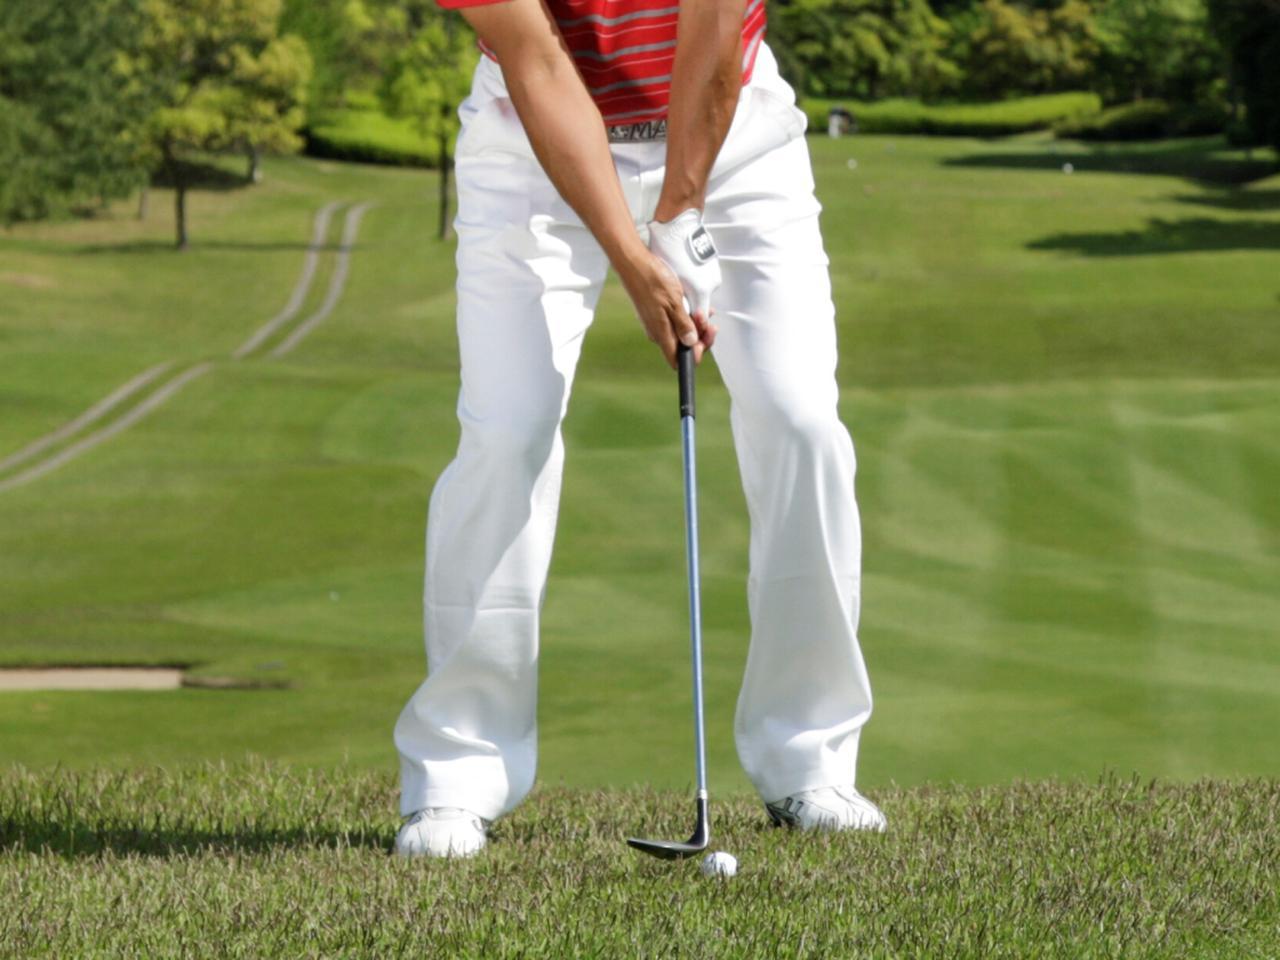 画像: スタンスはオープン、肩幅が収まるくらいの幅で構えよう。ボールは左寄り、クラブを構えたときにシャフトが地面と垂直になる位置がベストだ